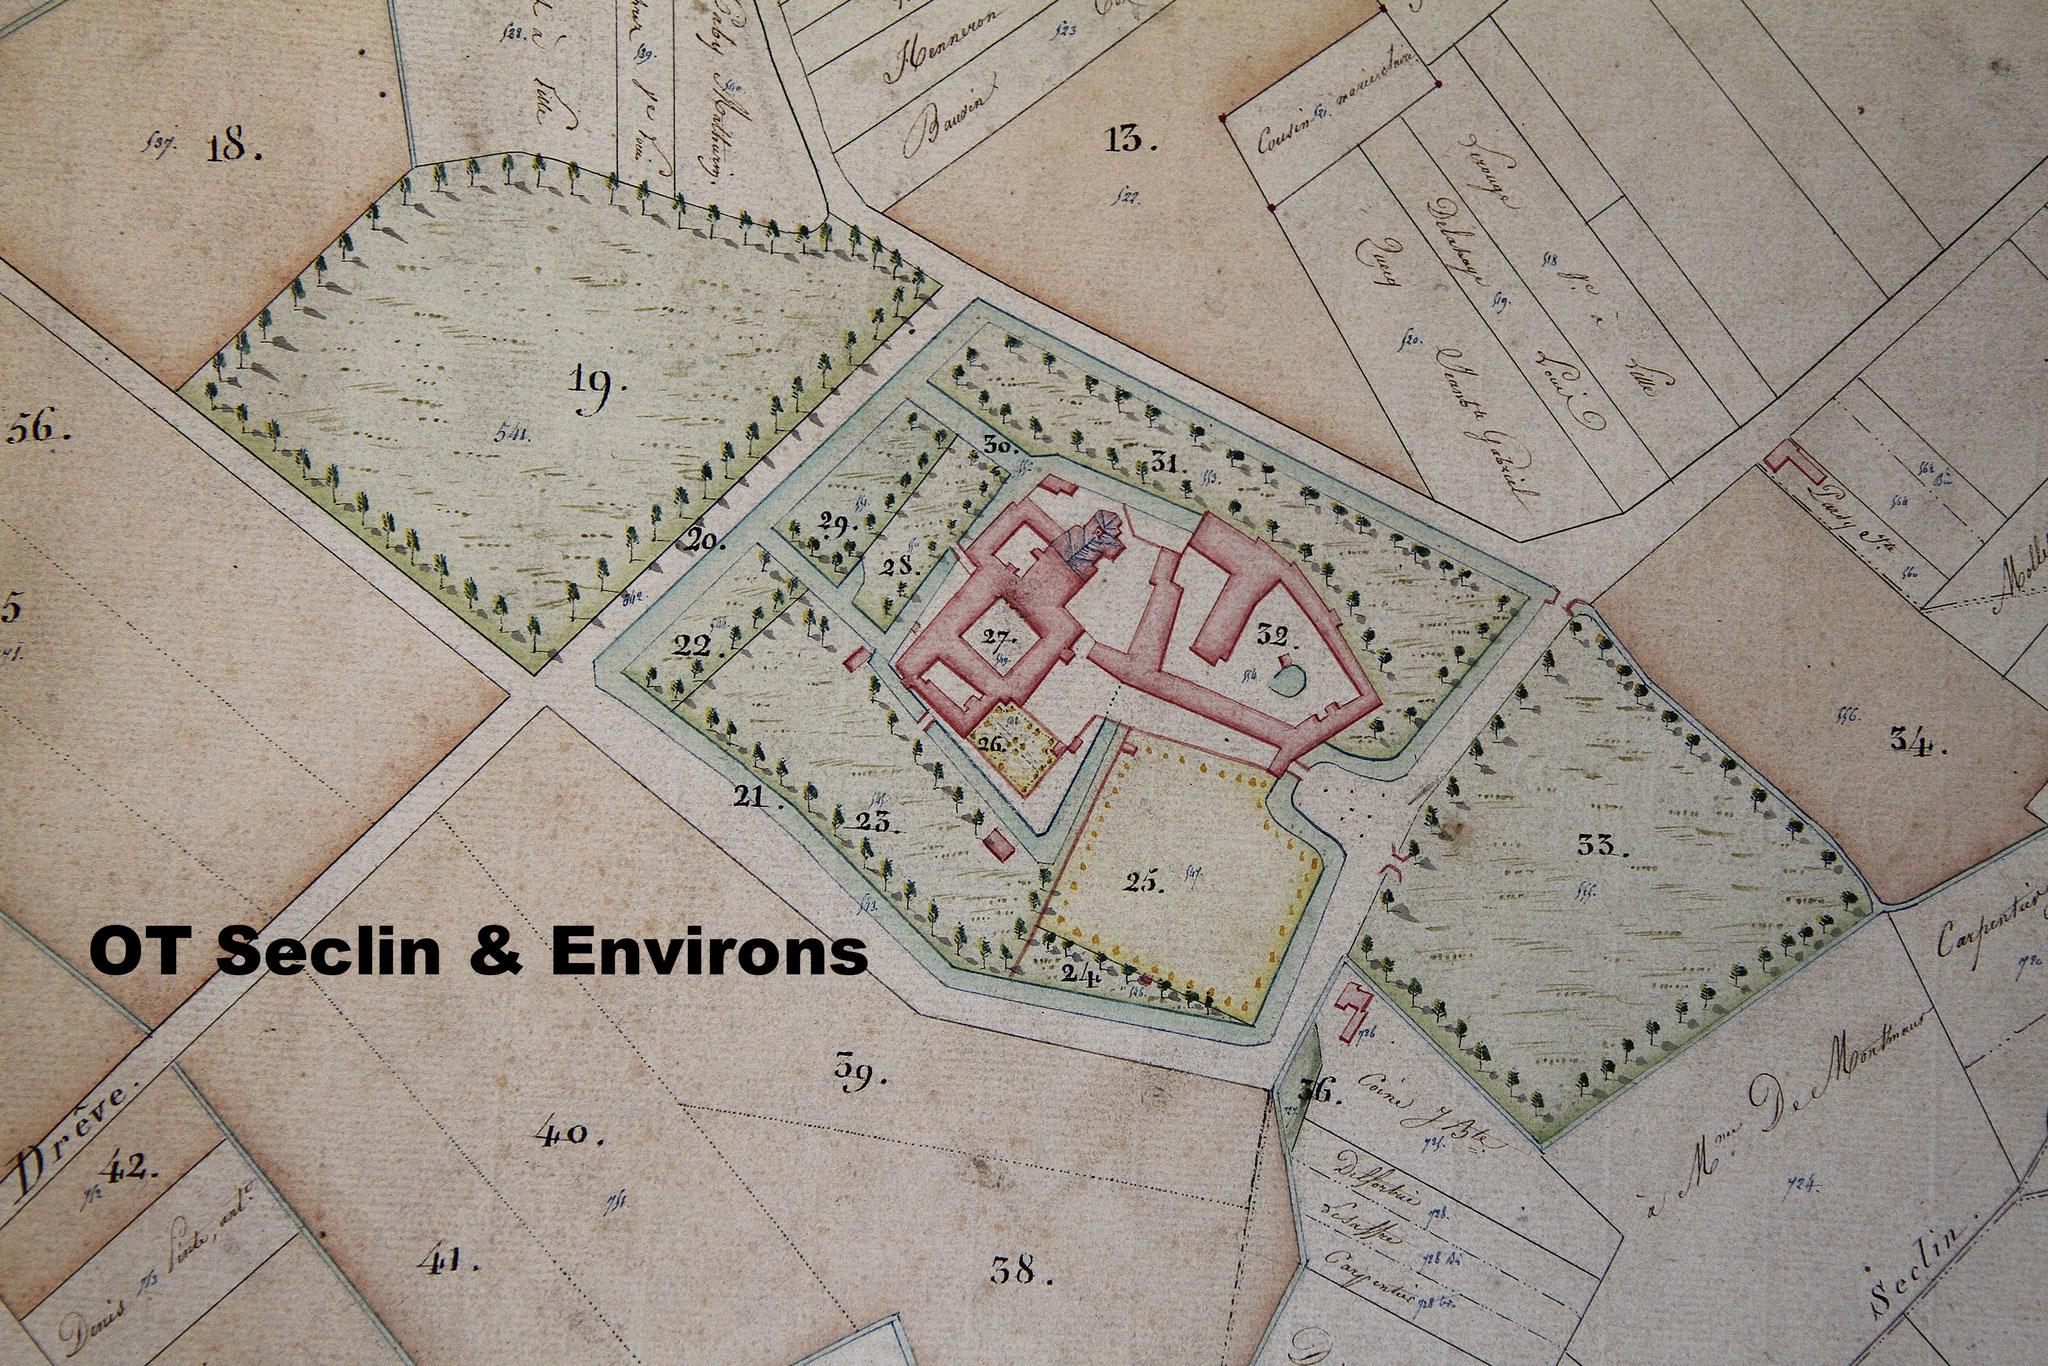 Plan cadastre 1822 - l'Hôpital Notre-Dame avant les réaménagements de Ch. Marteau. La Drève que nous connaissons n'existe pas encore, par contre une autre Drève y arrive